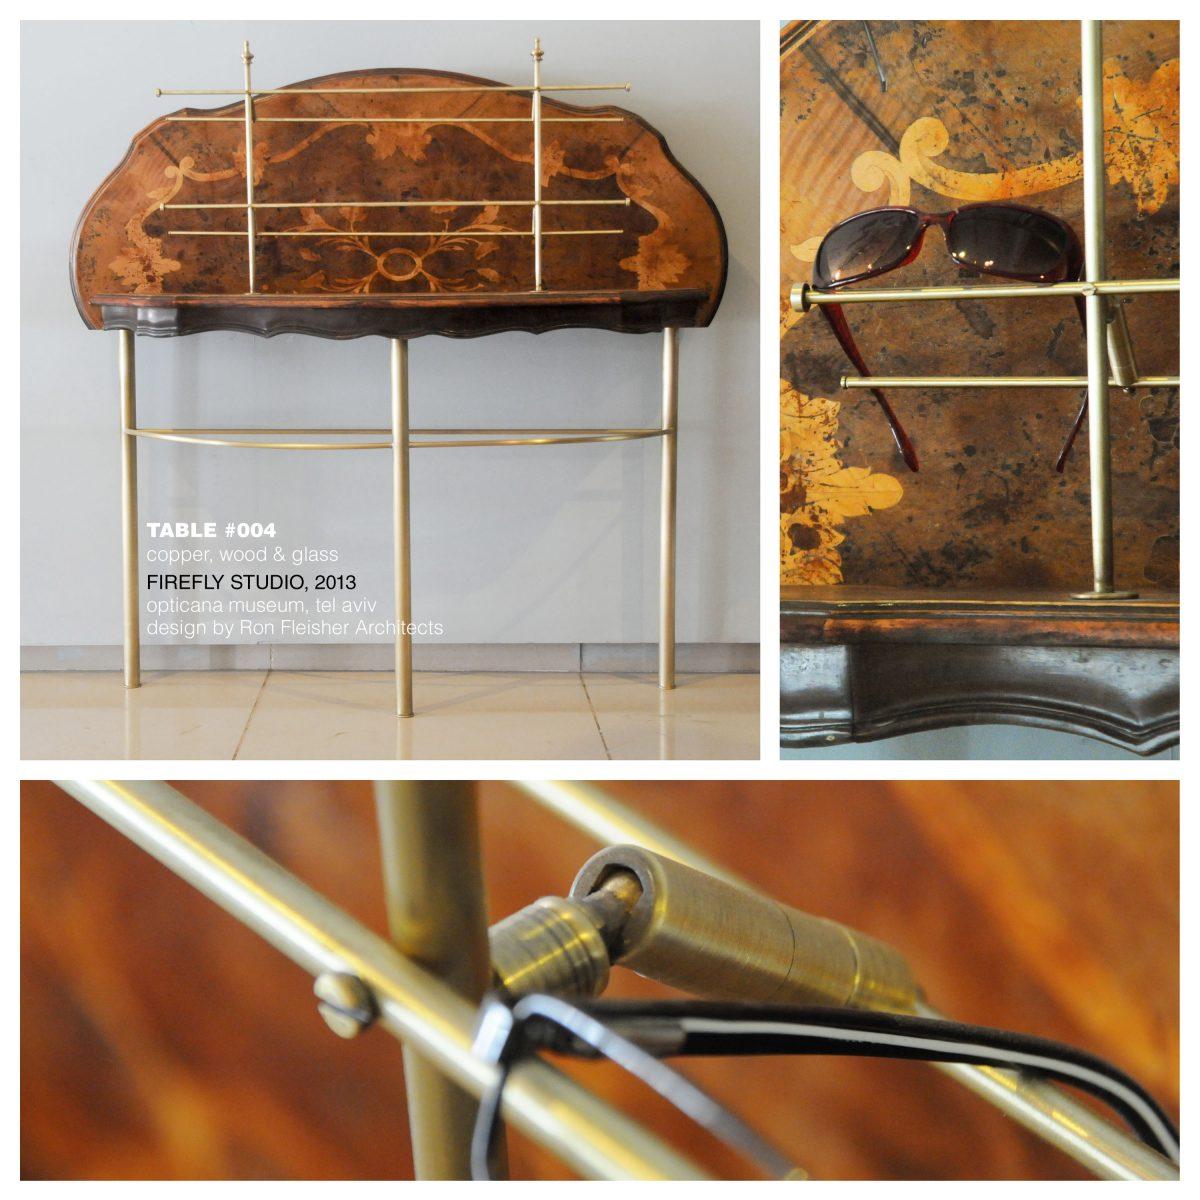 שולחן תצוגה -שלד מפליז ומשטח עליון מעץ